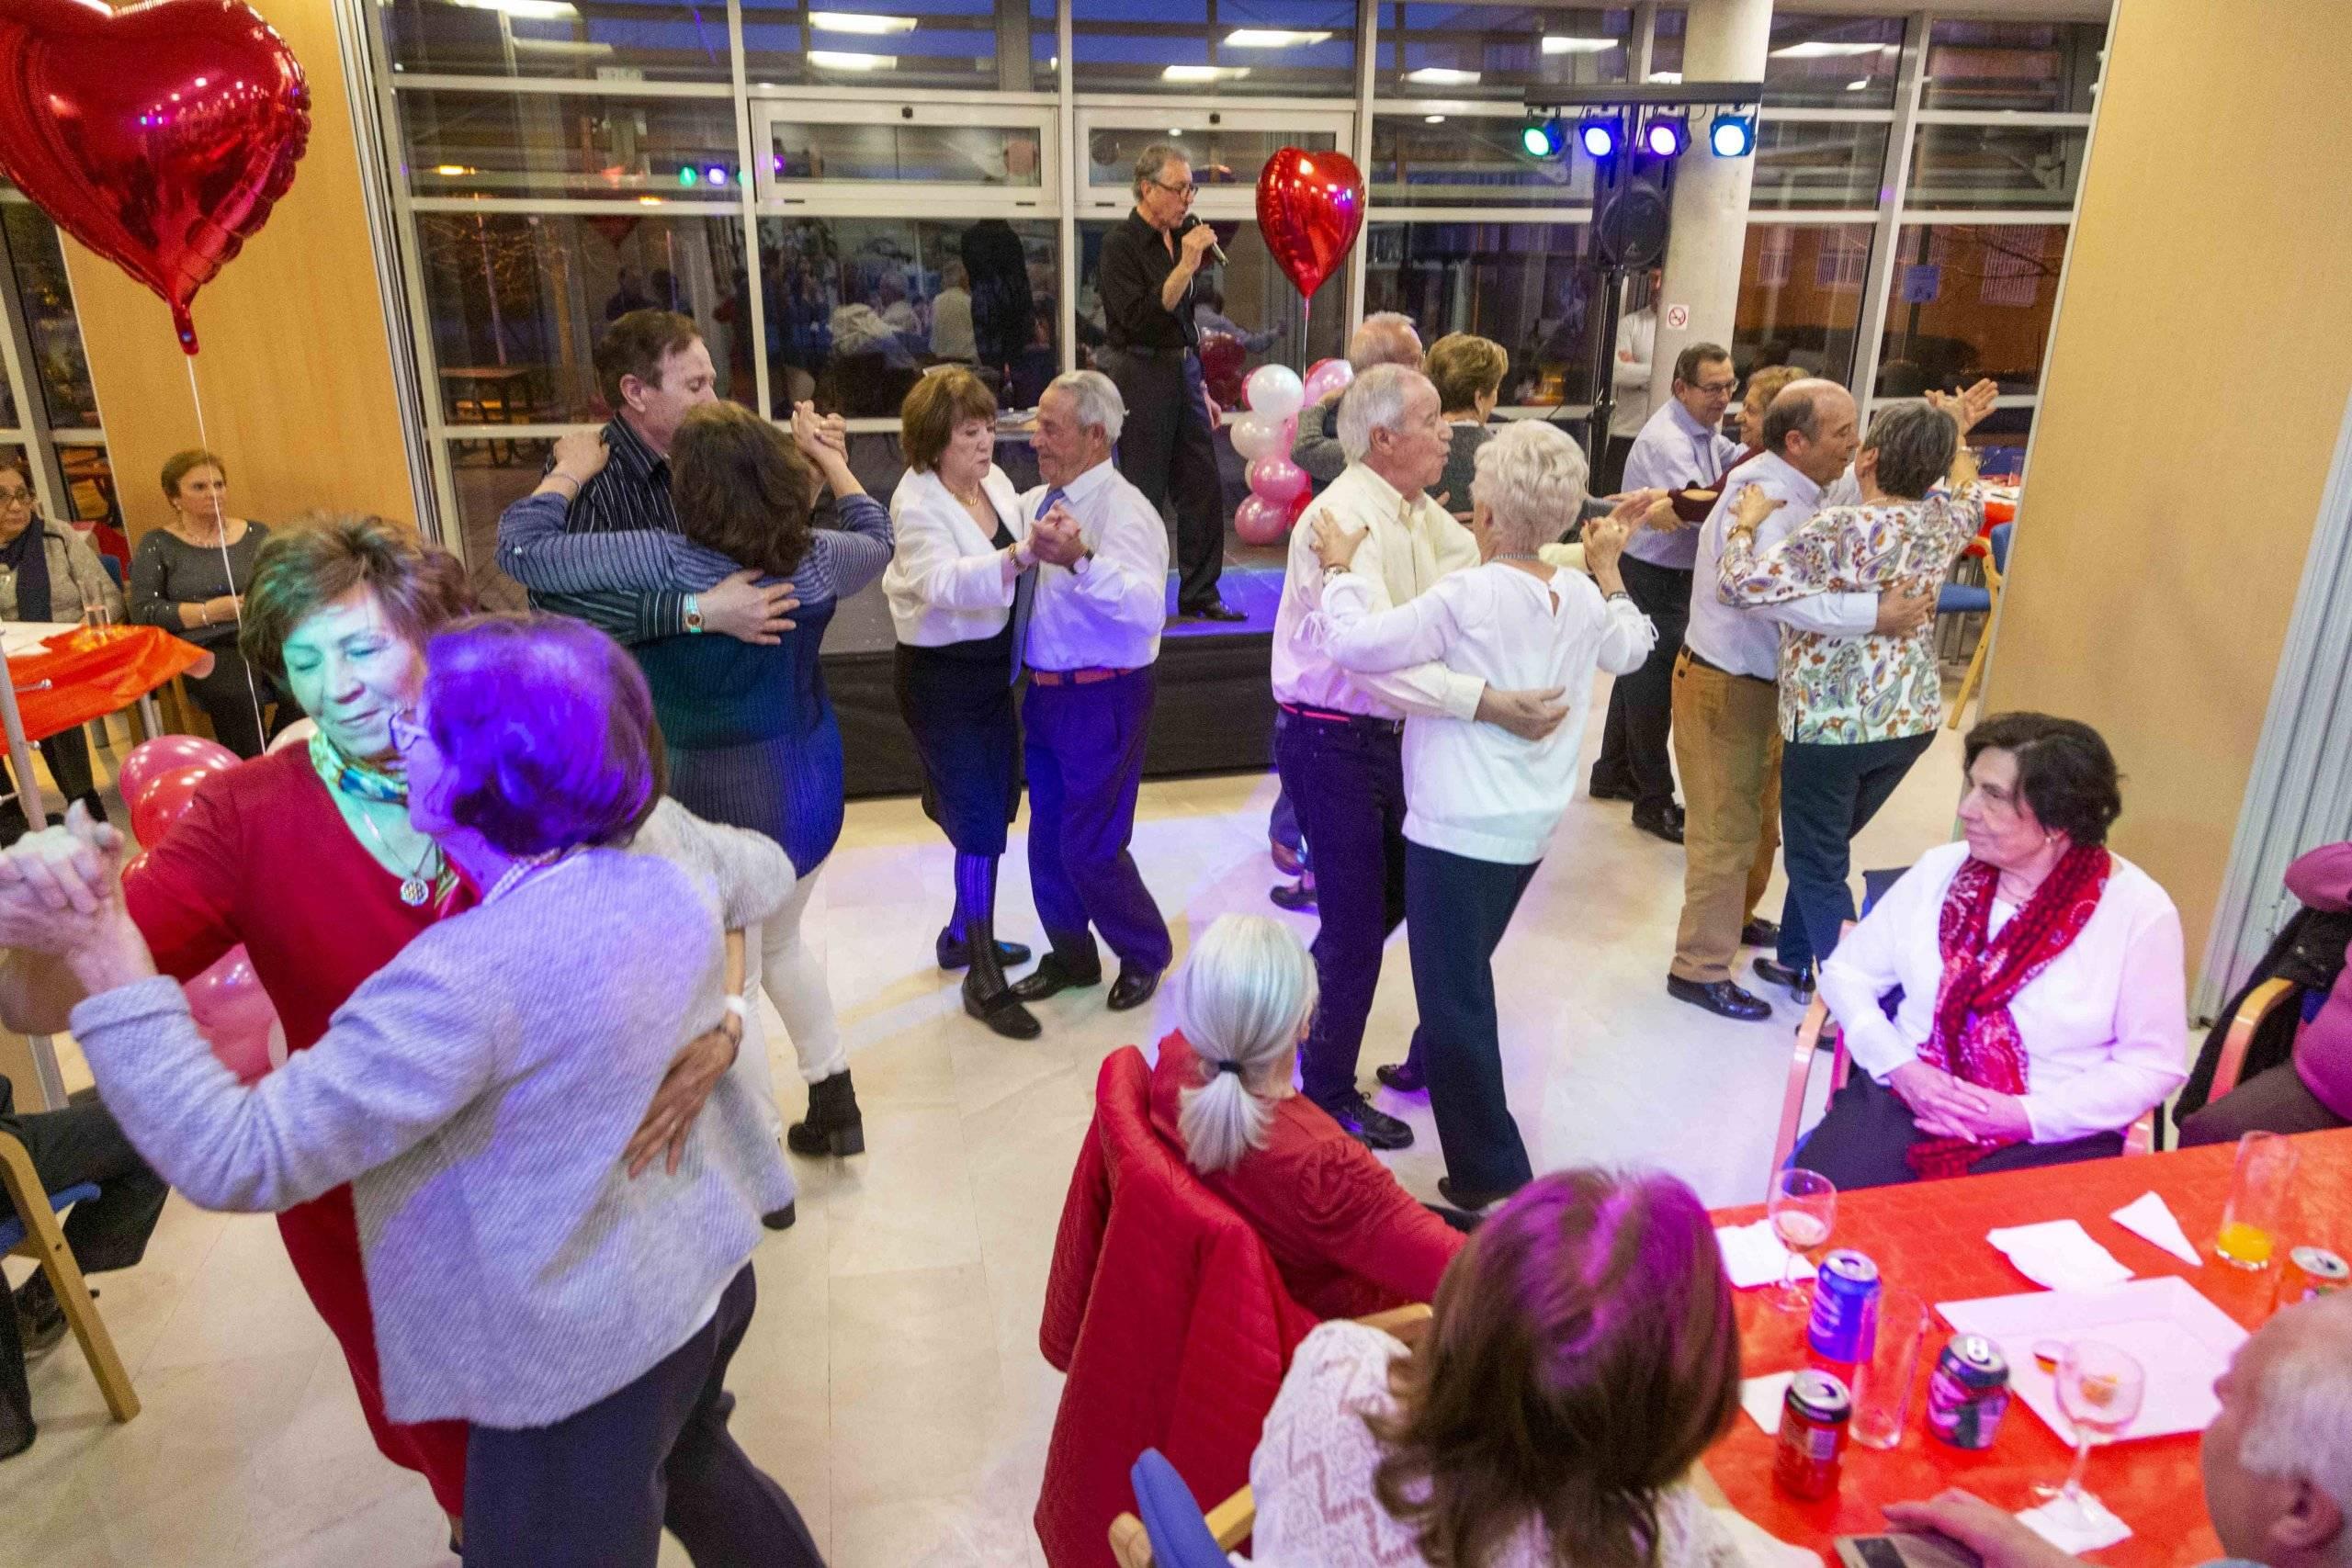 Mayores bailando en la fiesta de San Valentín.